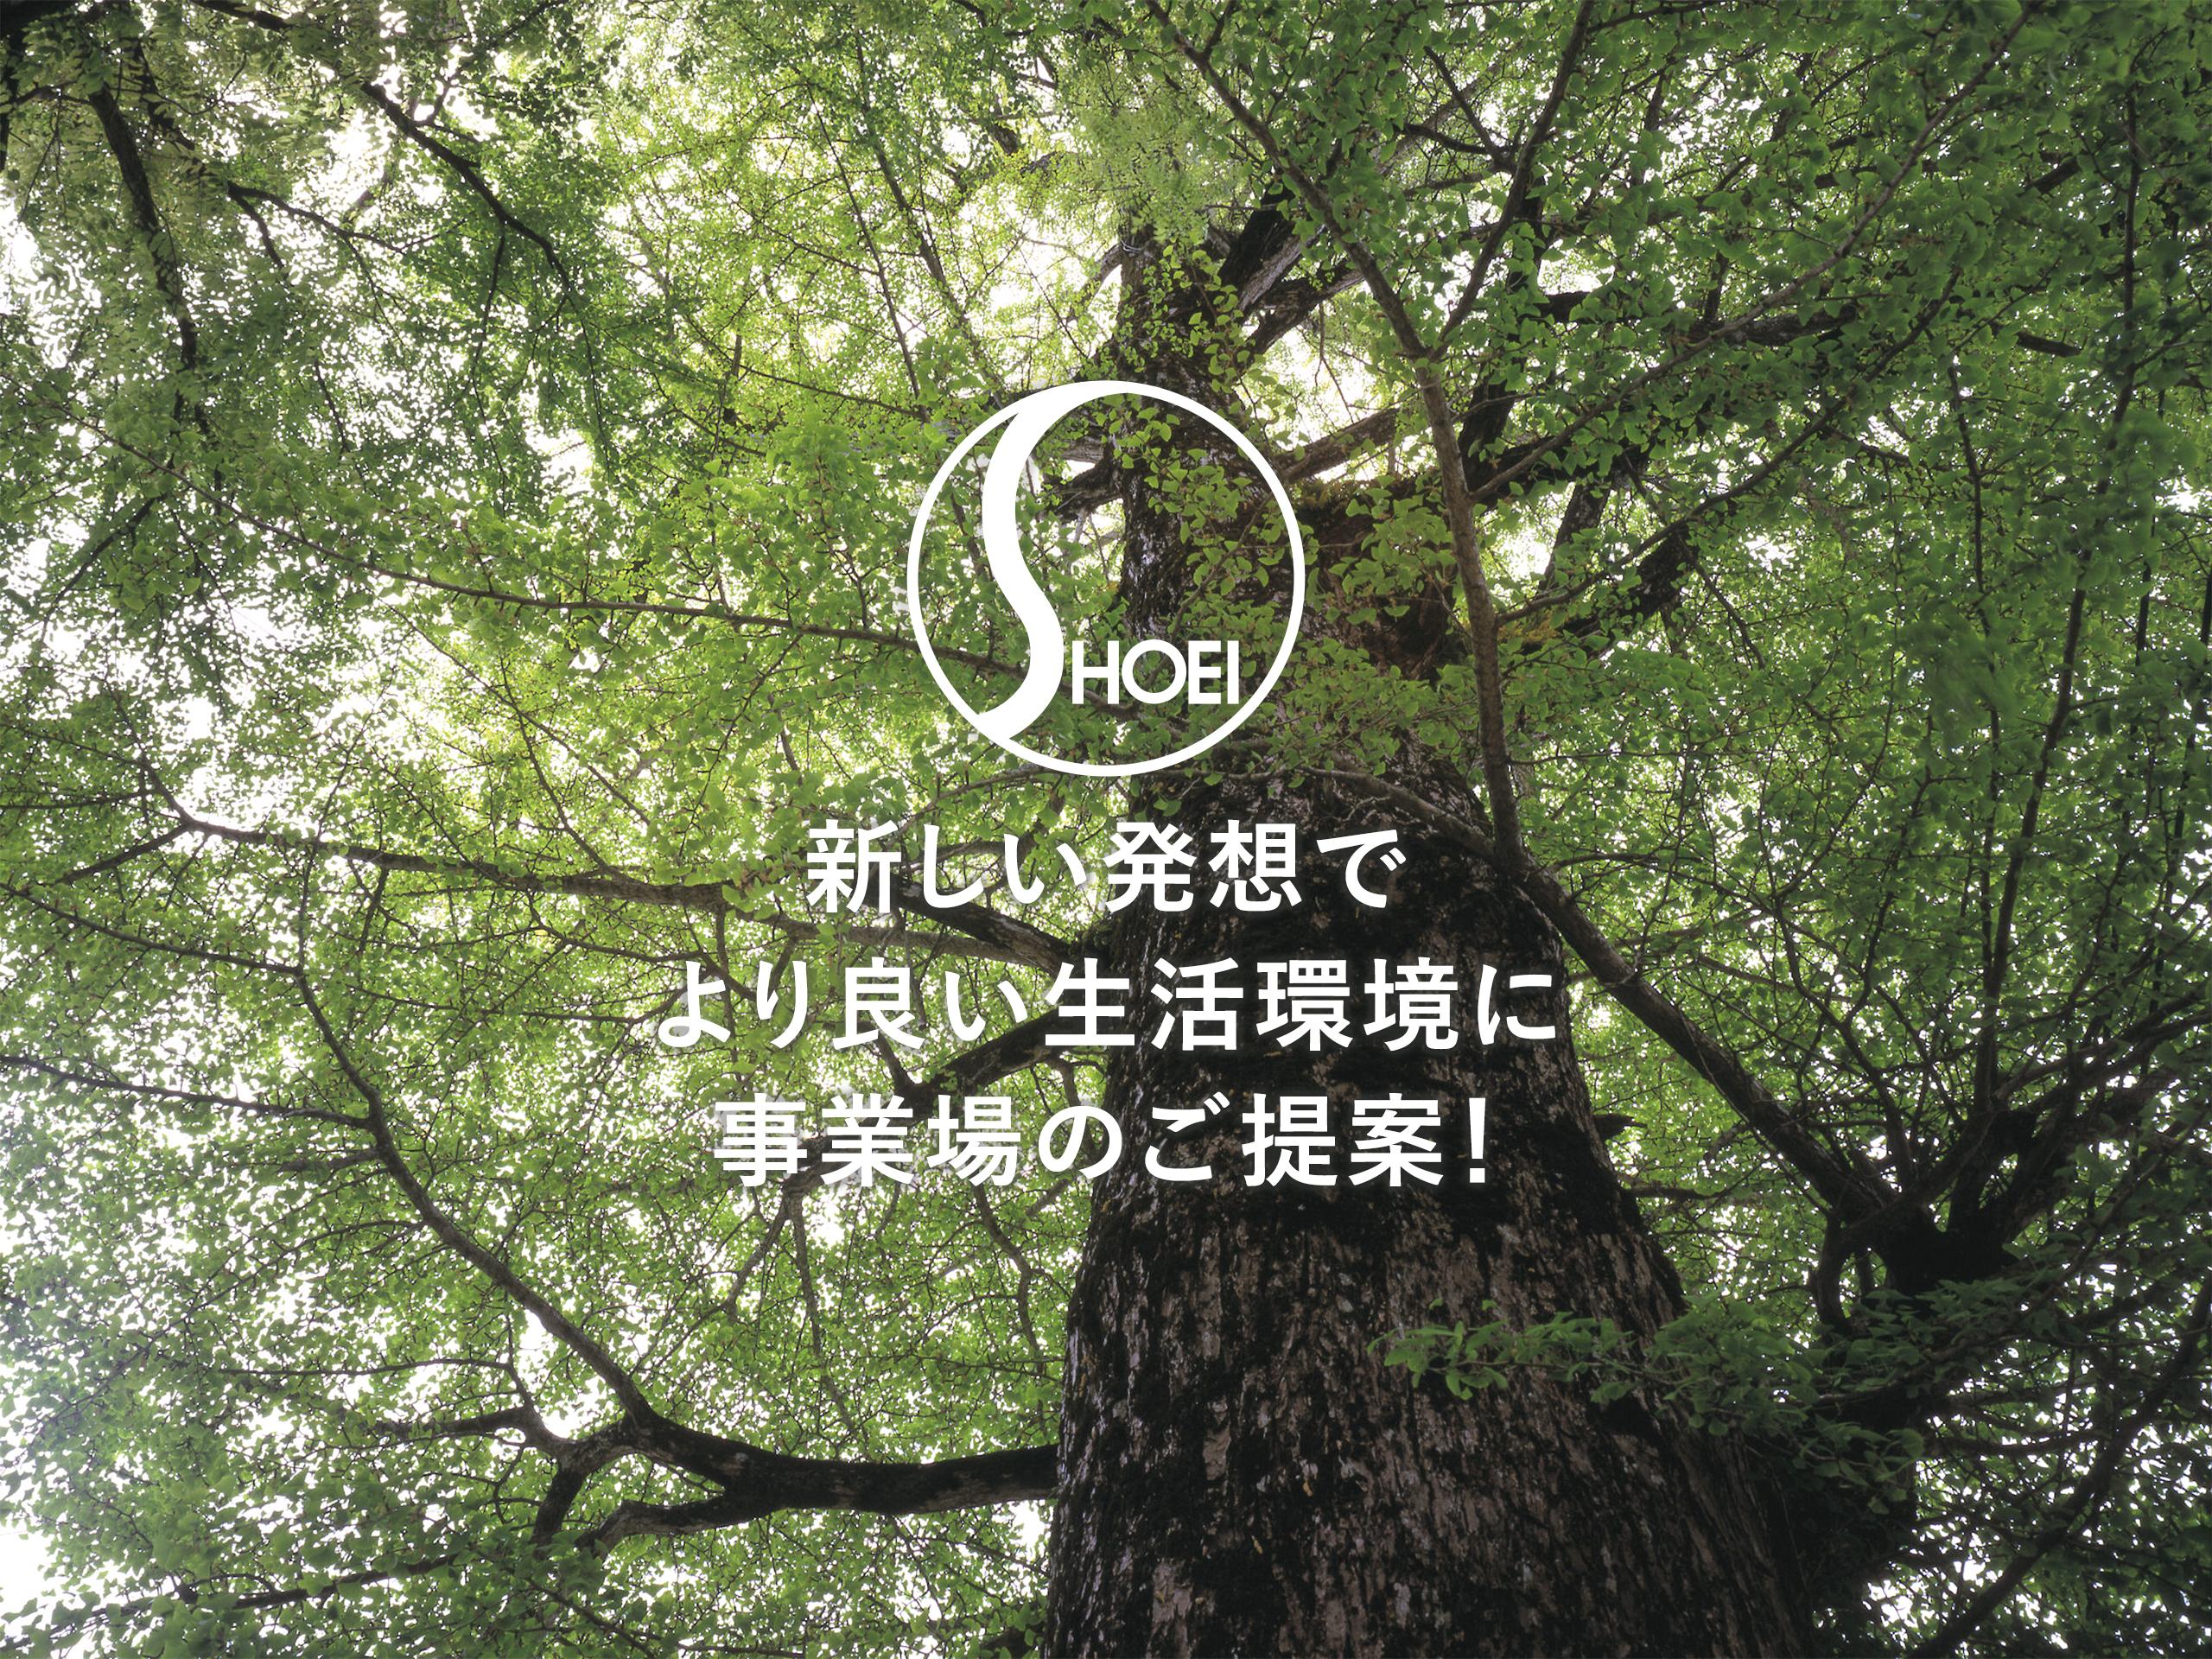 新しい発想でより良い生活環境に事業場のご提案!